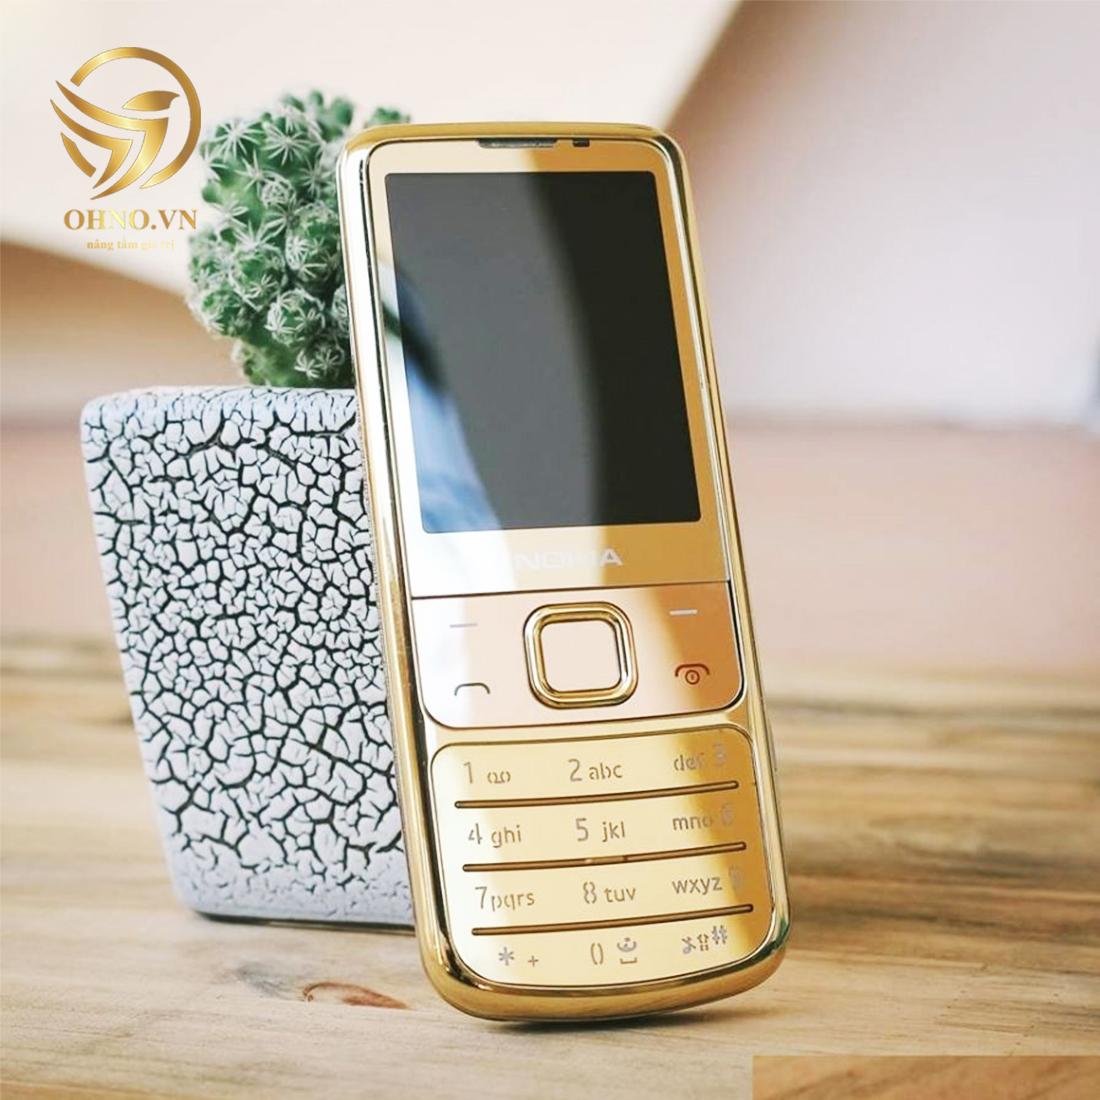 điện thoại nokia 6700 classic gold chính hãng main zin